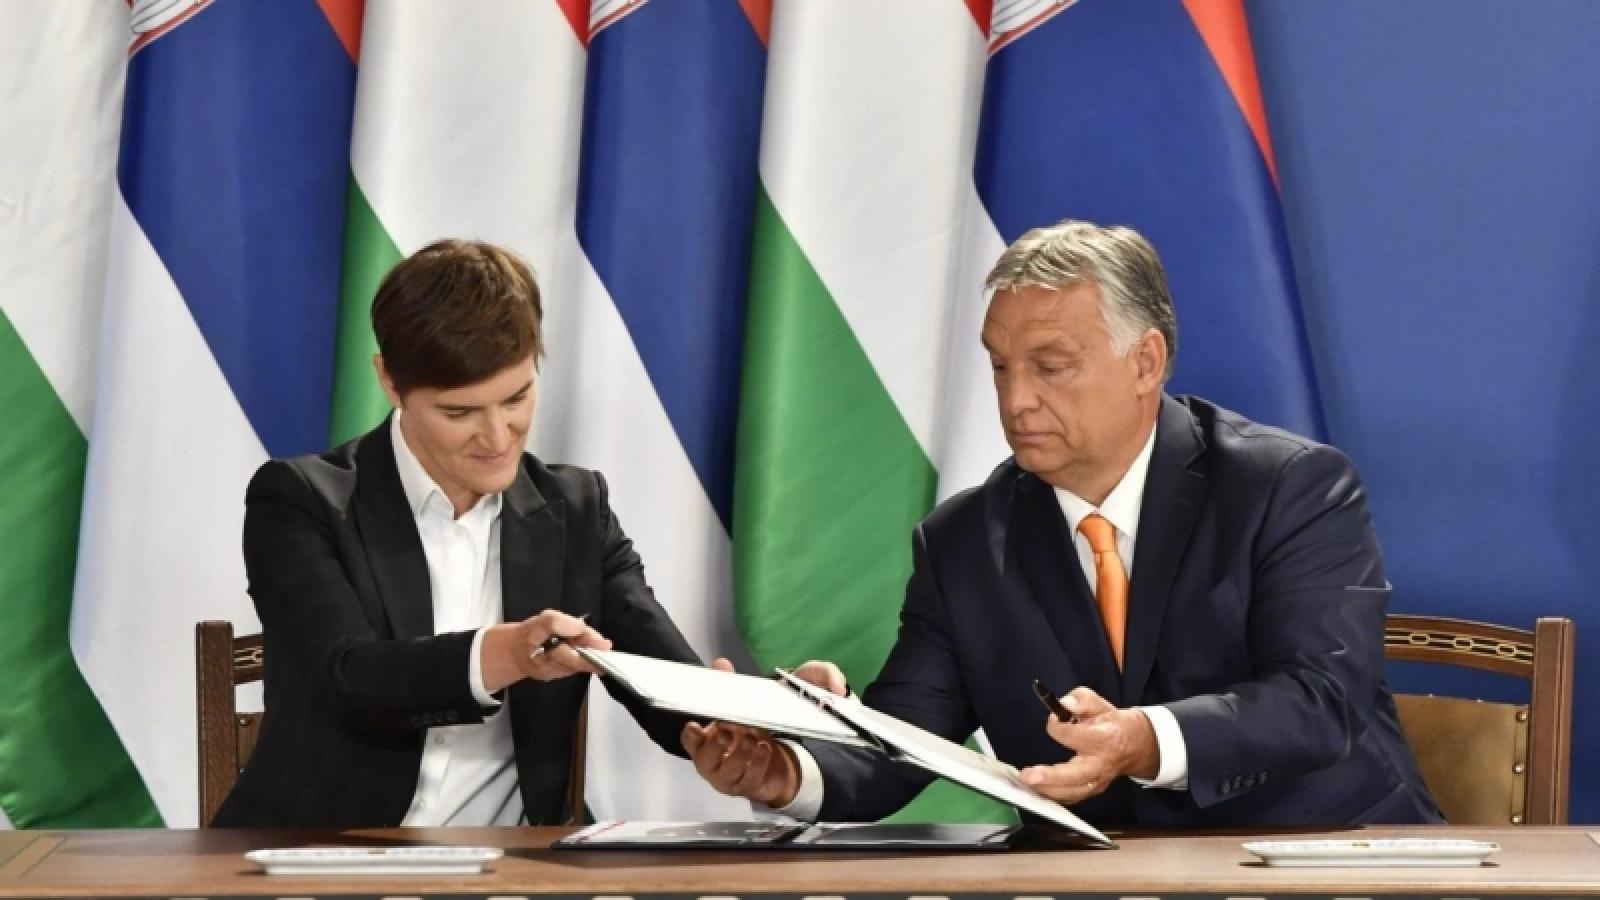 Hungary vàSerbia nhất trí tuần tra chung để chống di cư bất hợp pháp